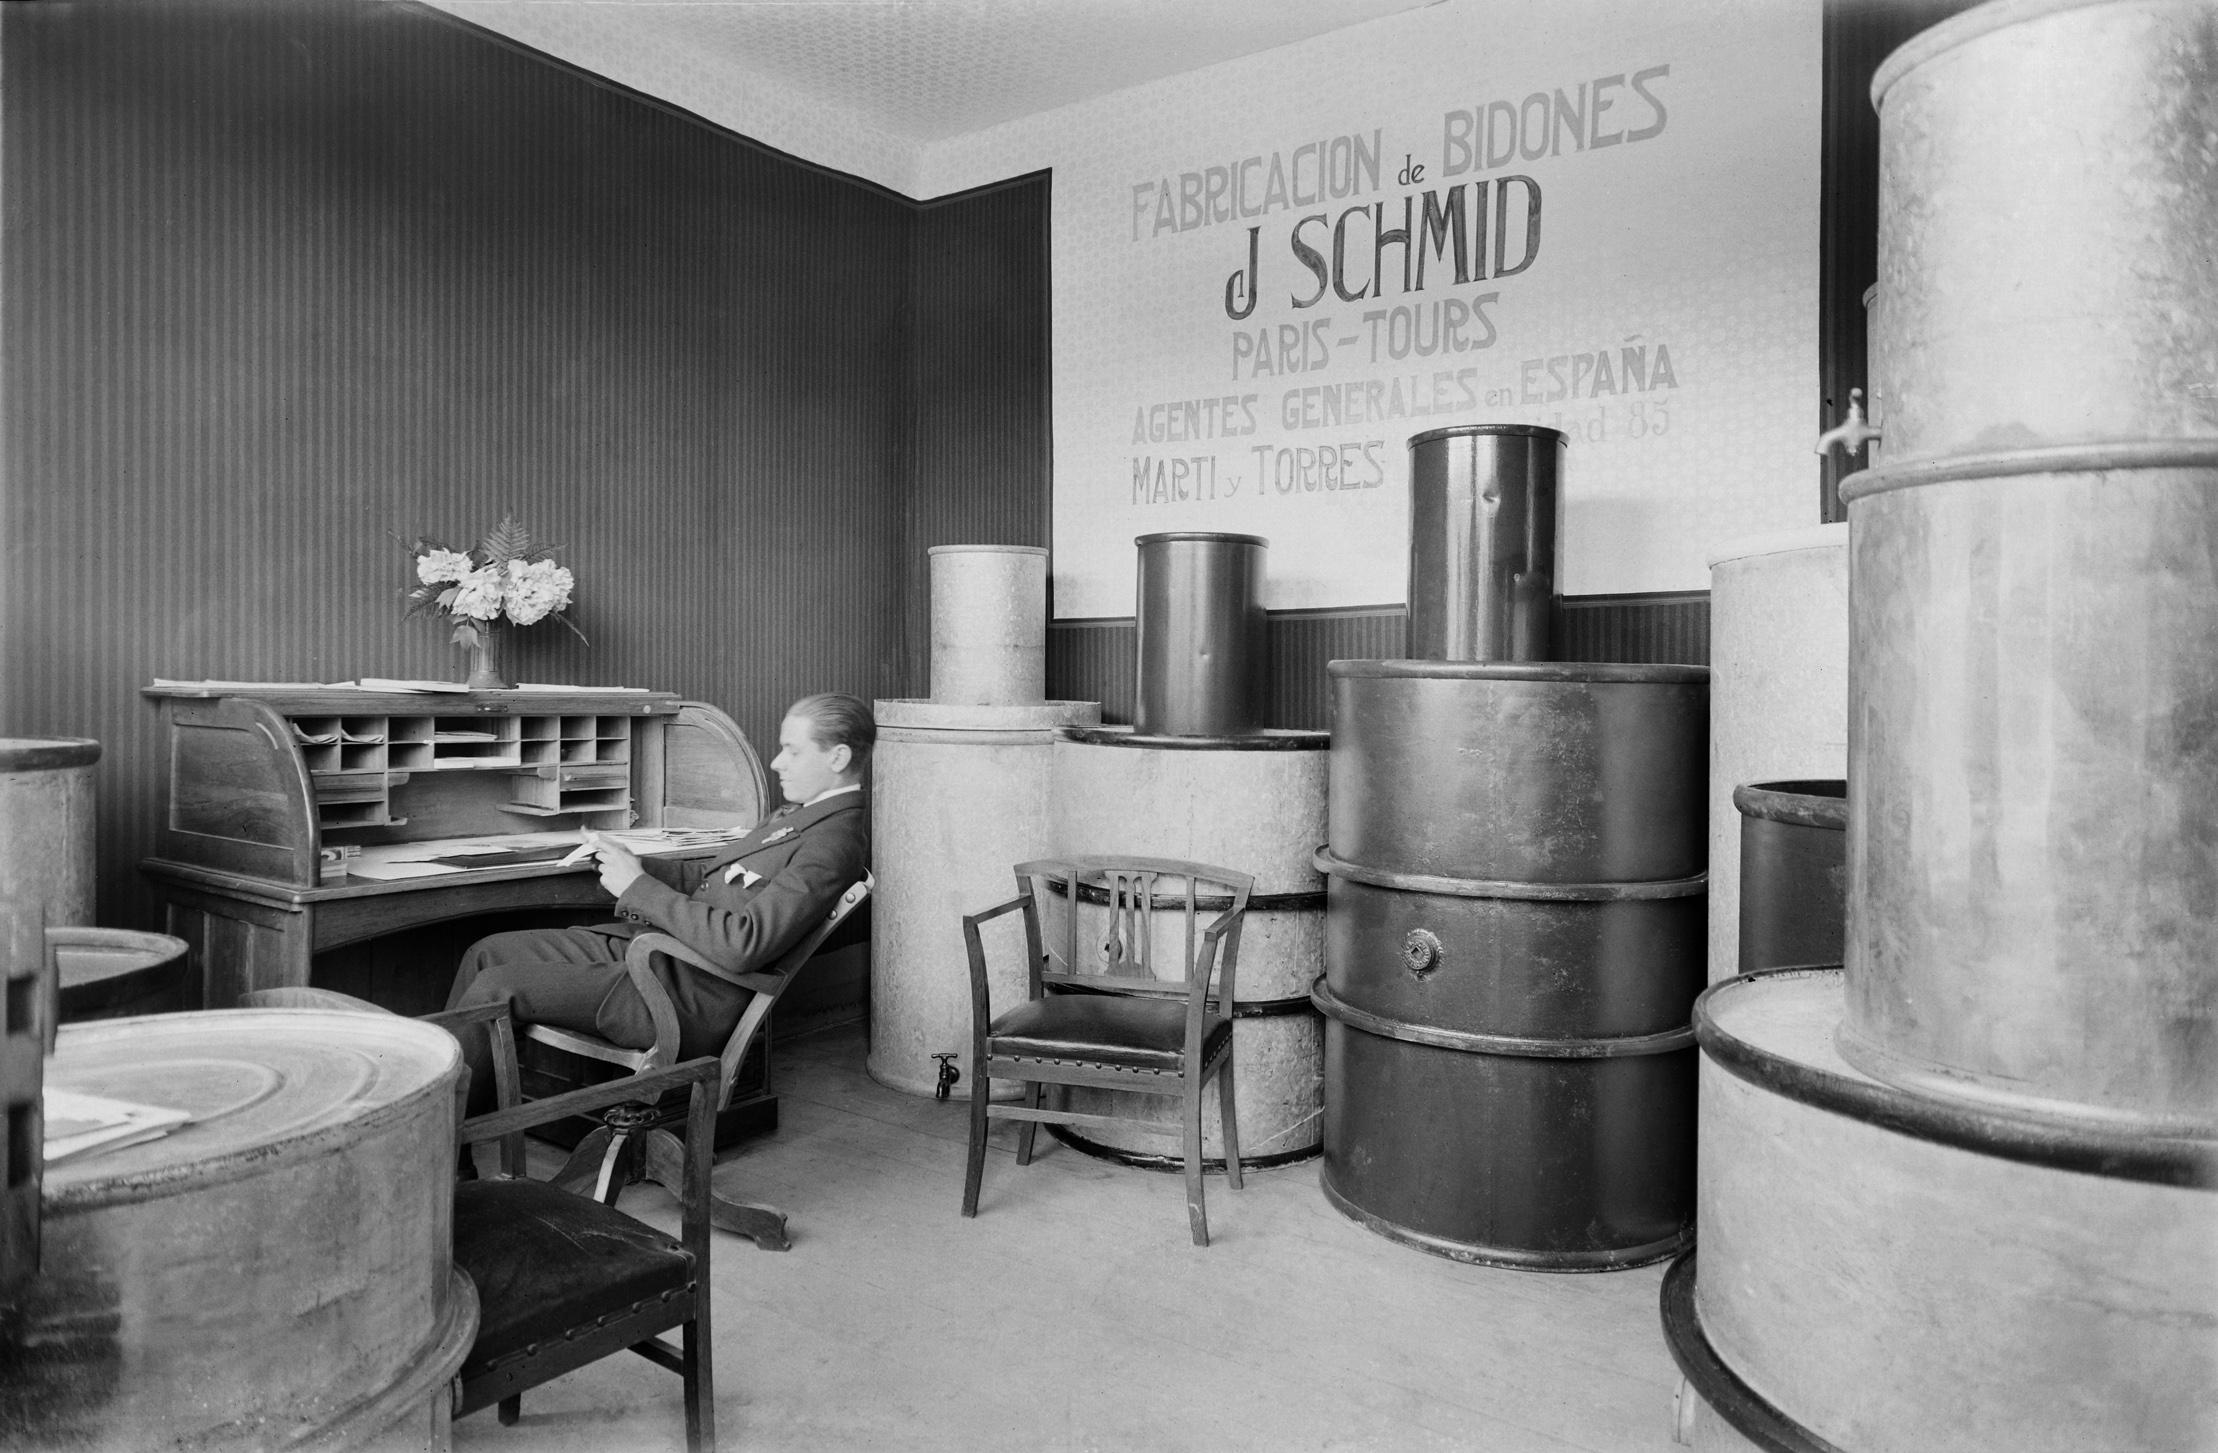 Stand de la fábrica de bidones J.Schmid en la III Feria Oficial de Muestras de Barcelona, 1922 © Fondo BRANGULÍ, ANC